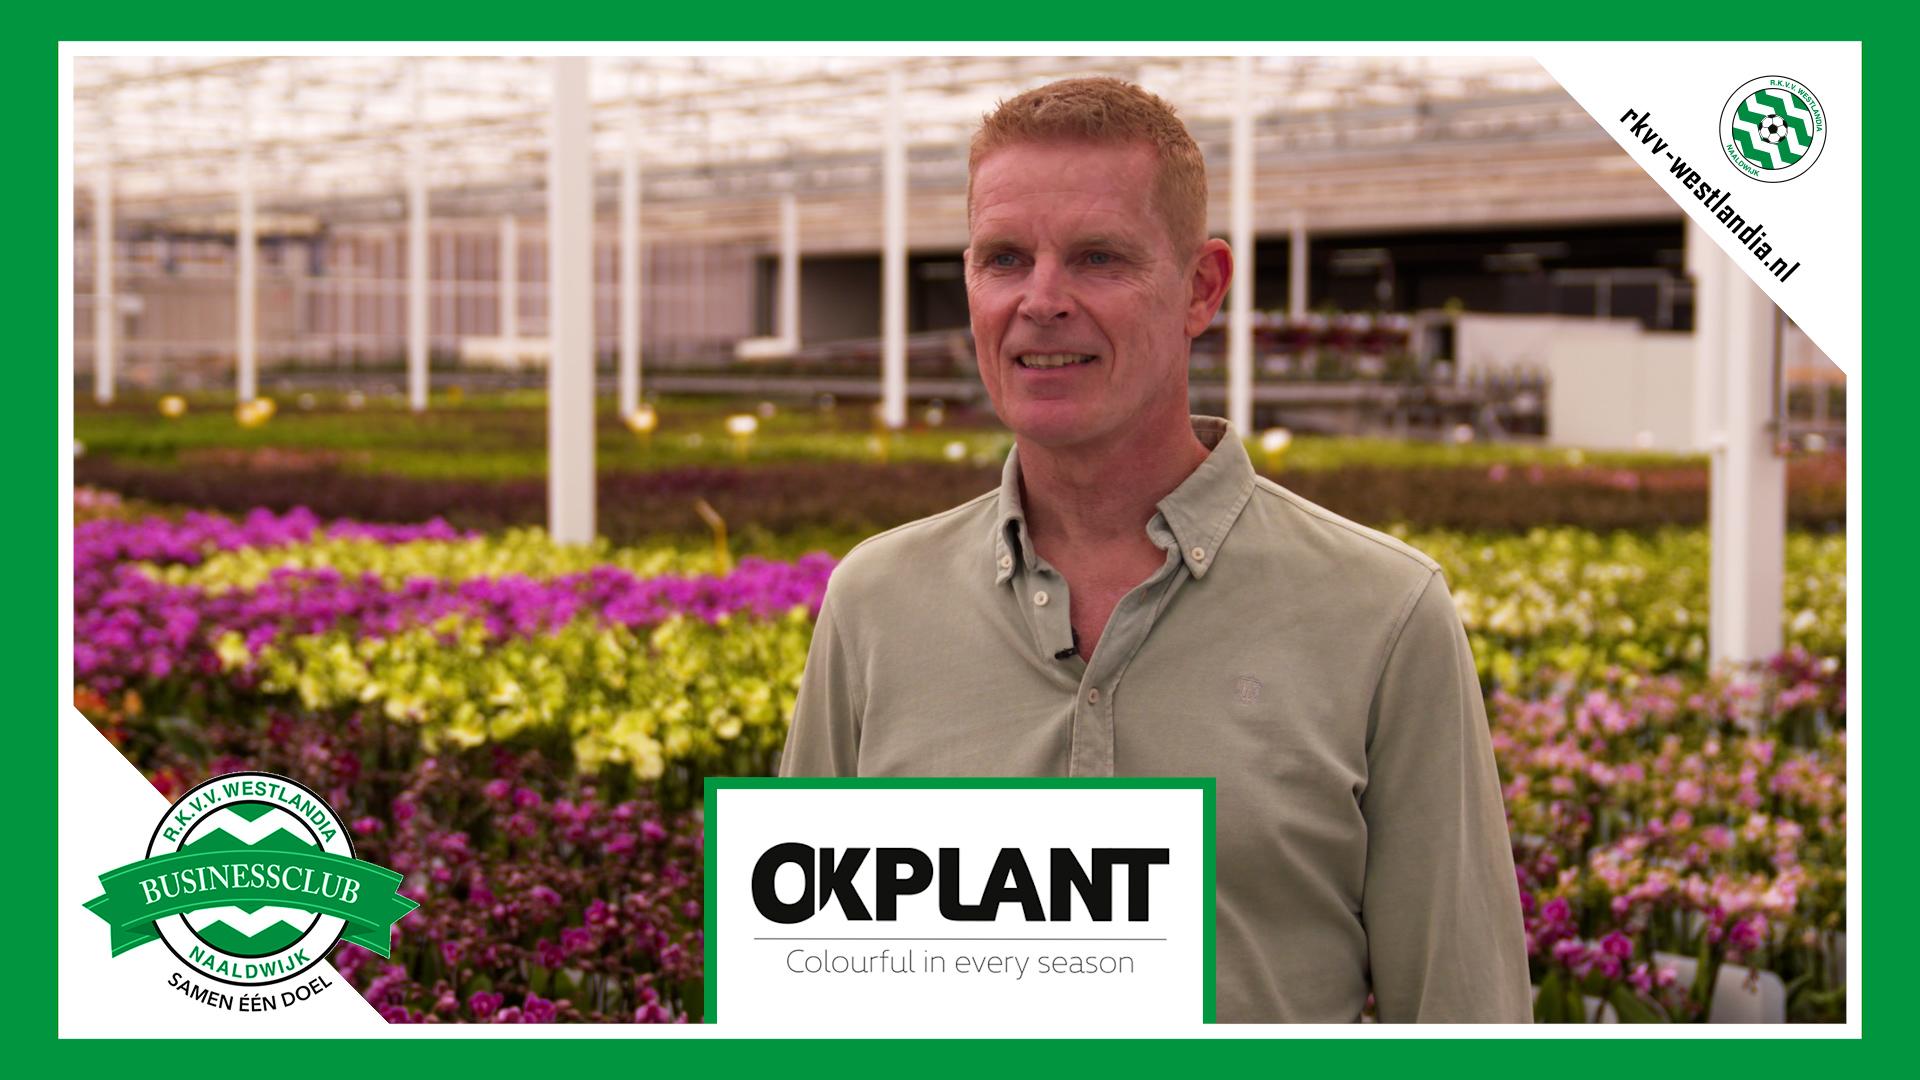 OK Plant X  Westlandia - 'OK Plant al jaren verbonden aan Westlandia'